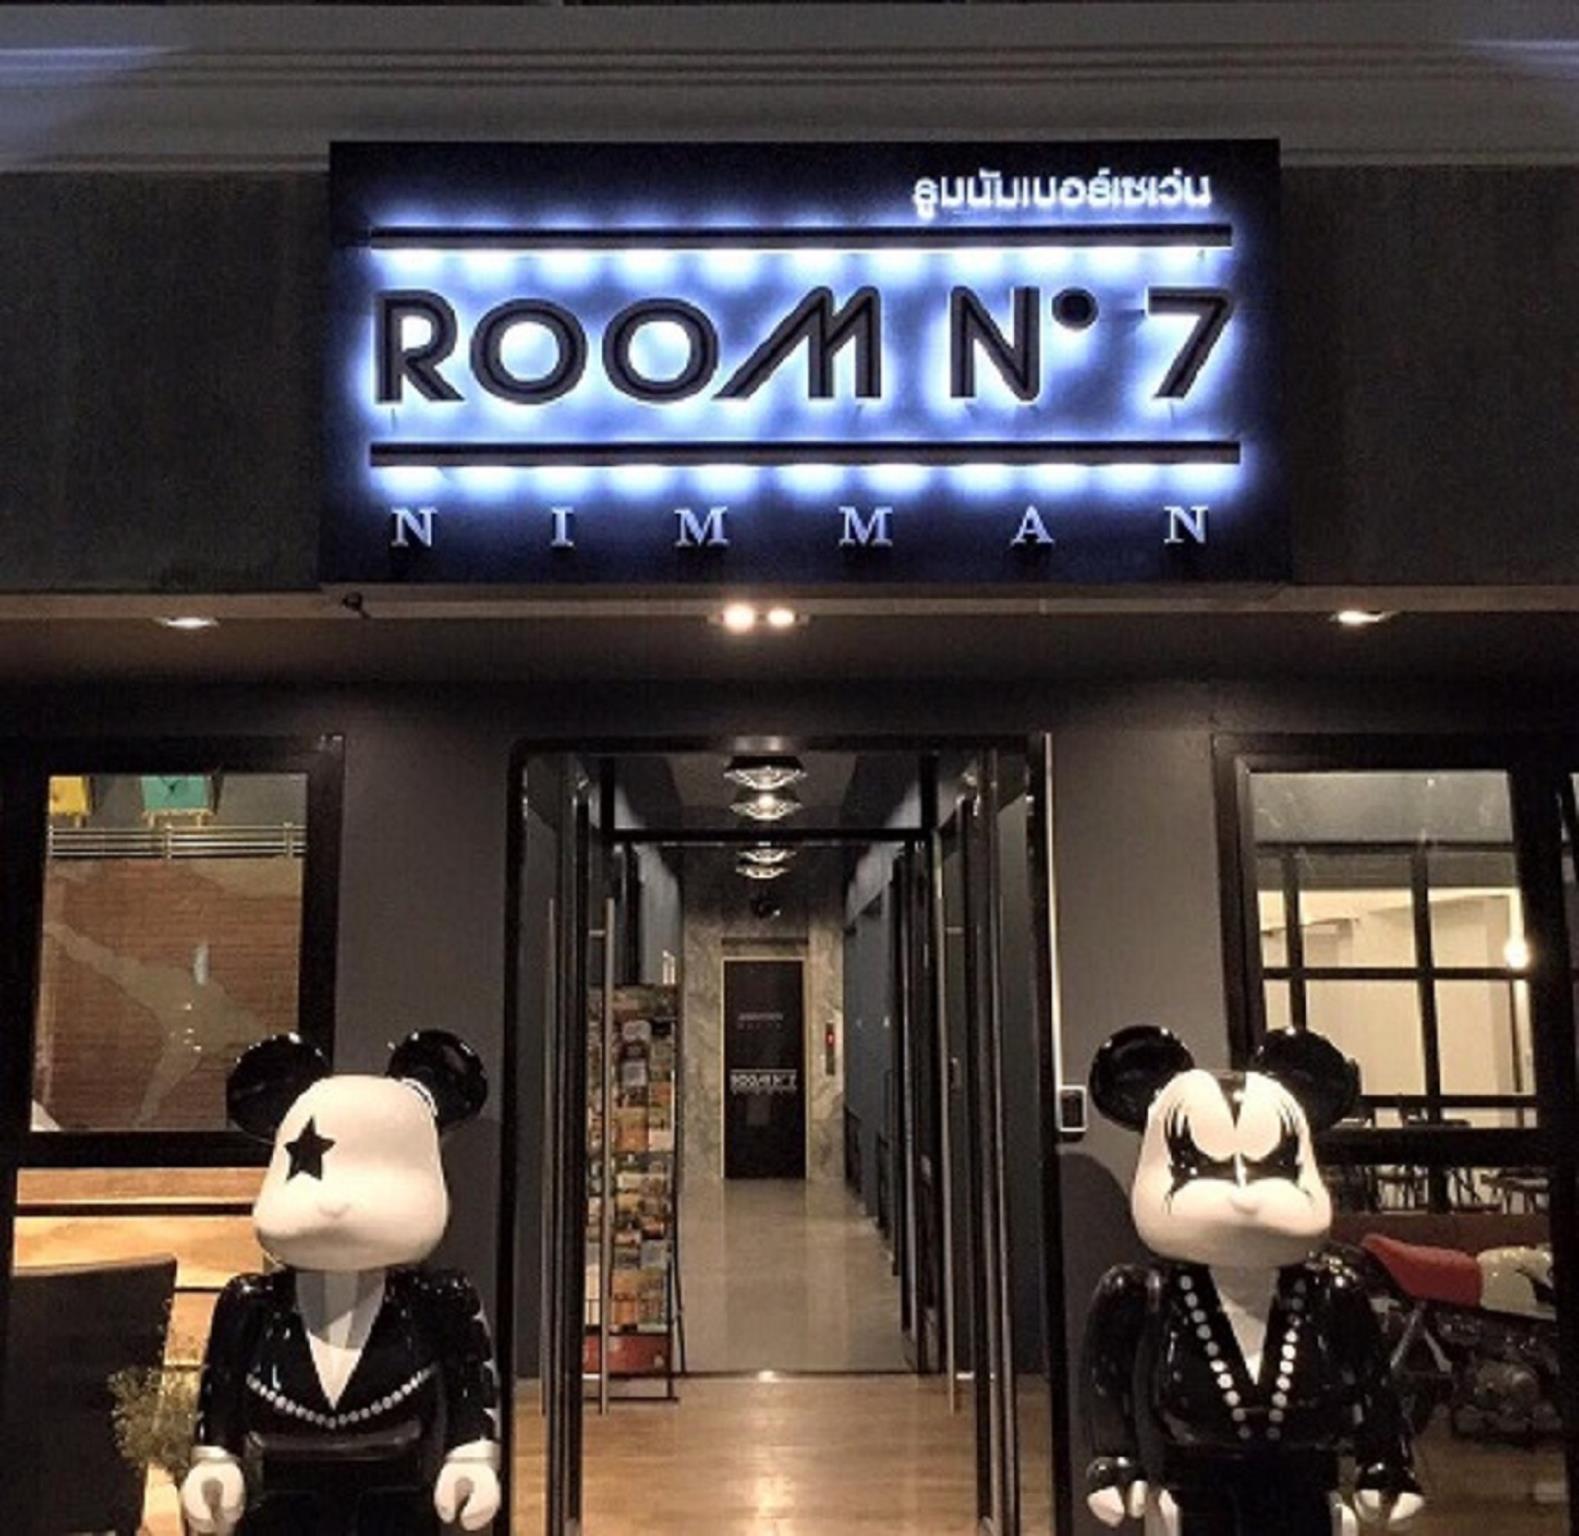 ดูรีวิวลูกค้า ห้องพัก หมายเลข7 (Room No.7) รีวิว Pantip